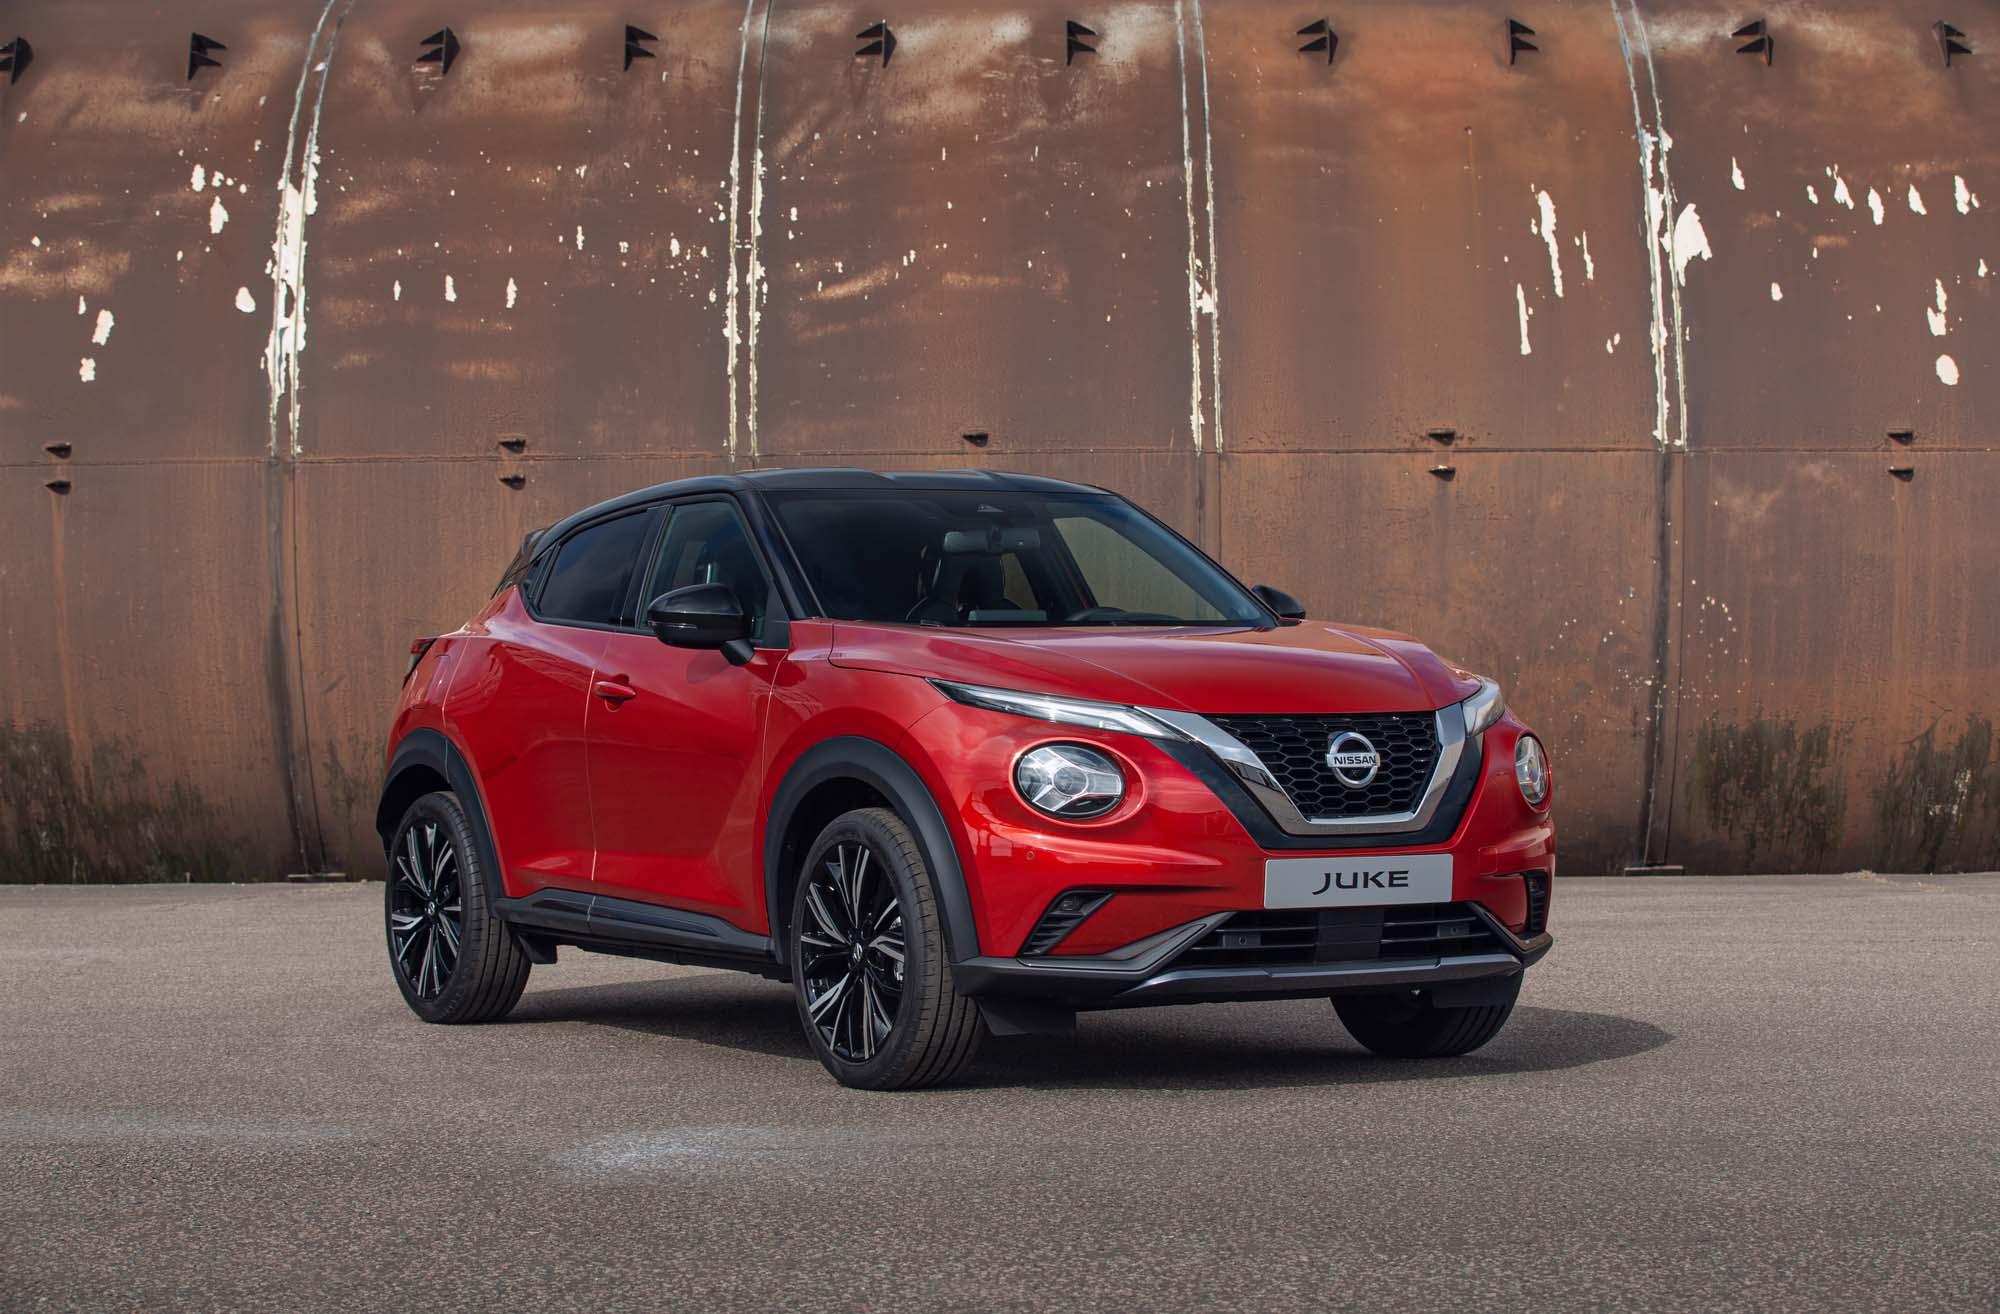 Nissan-Juke-2020-80